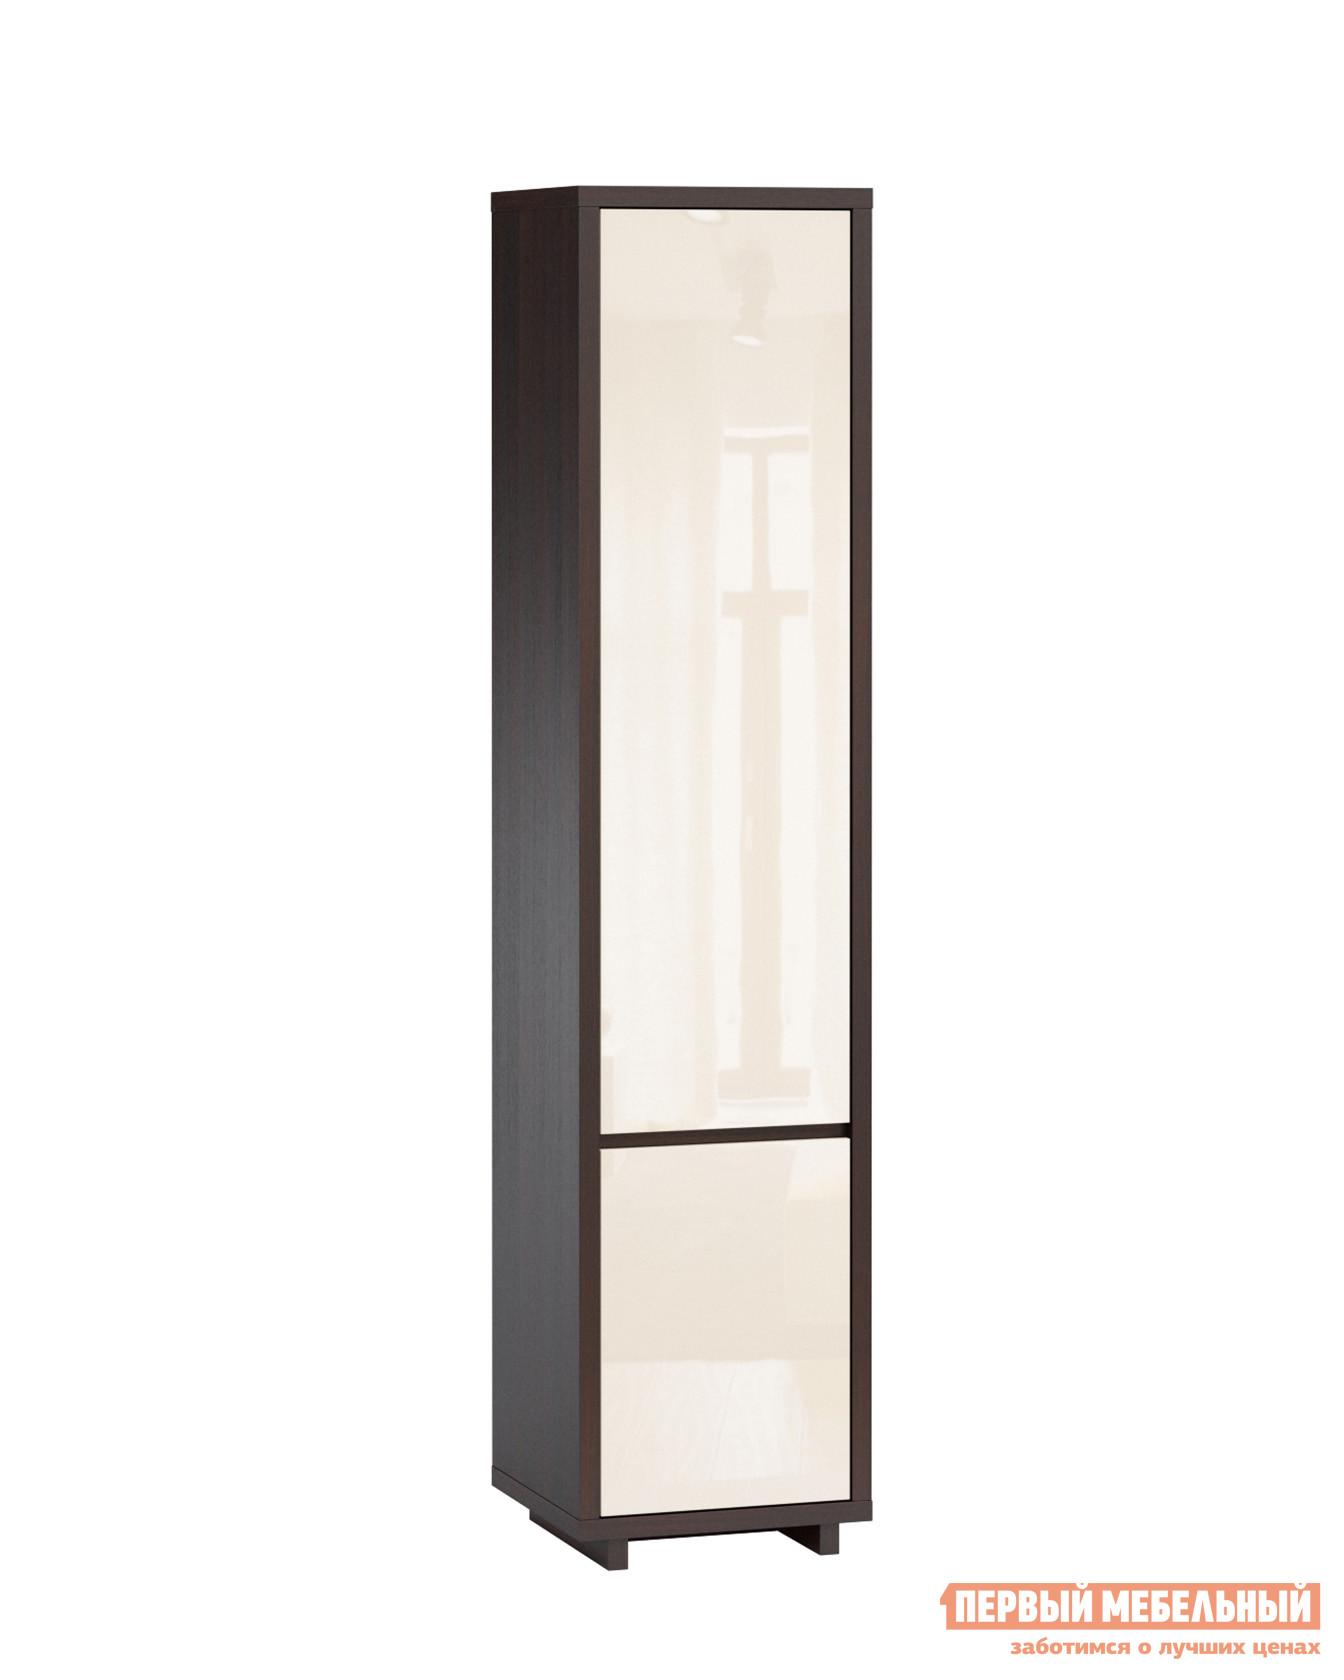 Шкаф-пенал WOODCRAFT Аспен Шкаф-пенал (2 двери) шкаф распашной woodcraft эссен шкаф 1 дверь